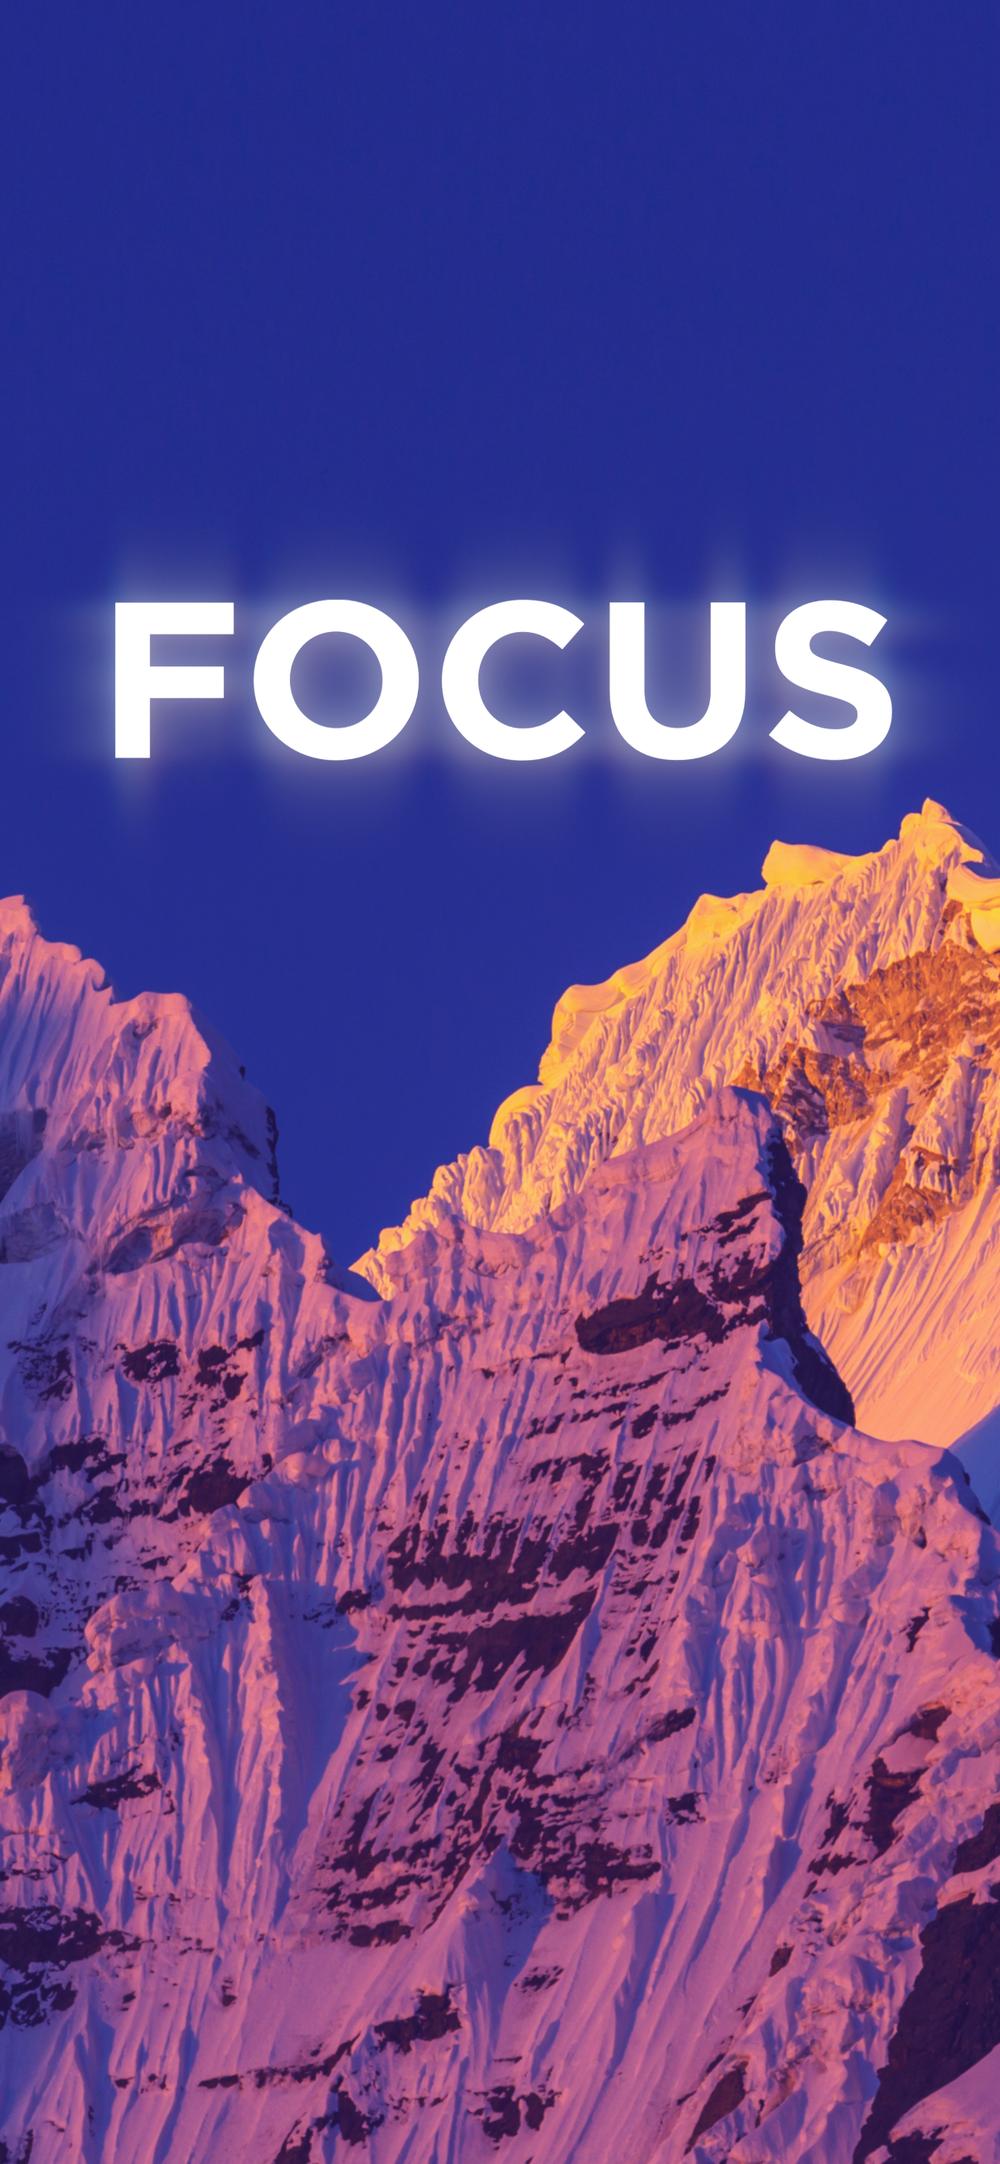 iphone-focus-background-6